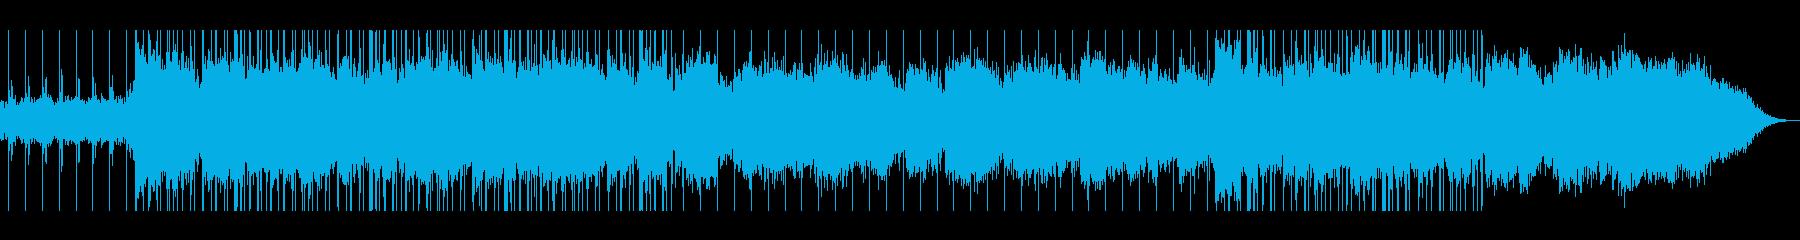 チルアウト 優しい lofi 夢の中の再生済みの波形